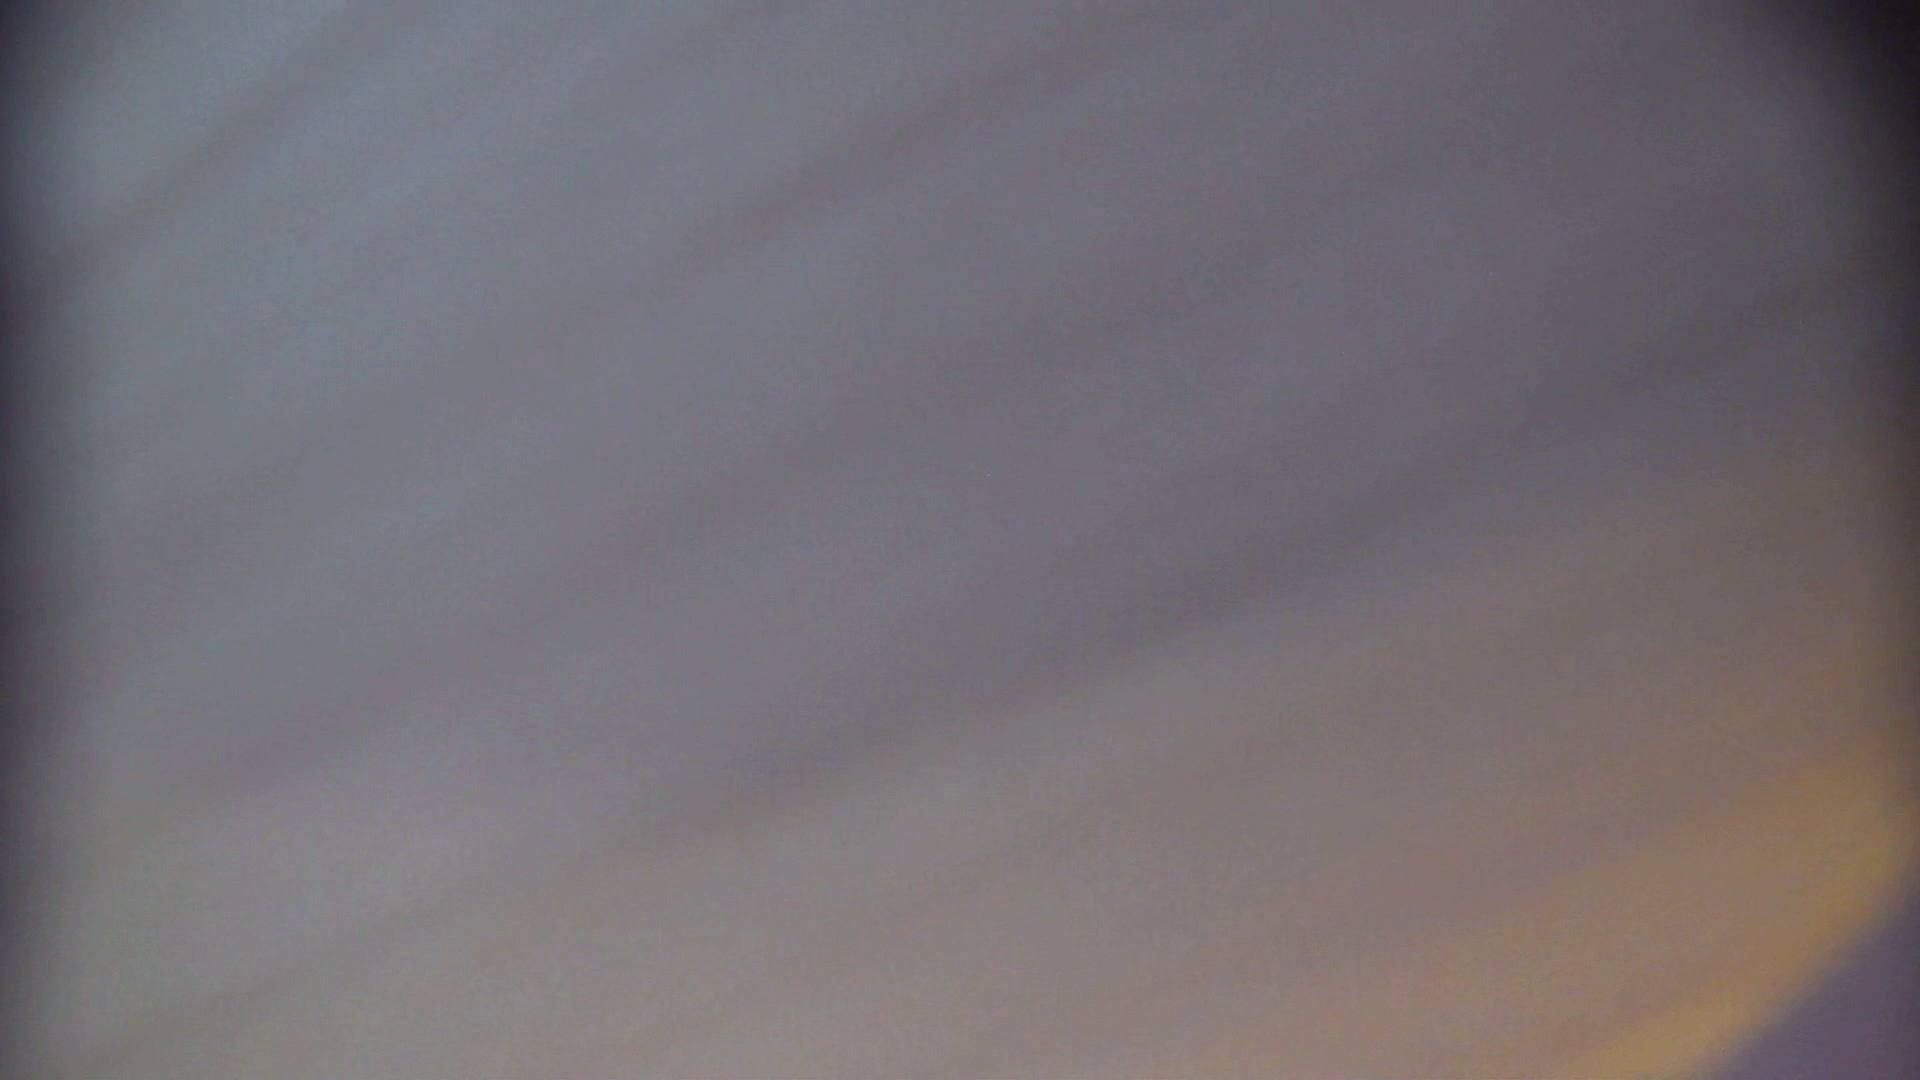 阿国ちゃんの「和式洋式七変化」No.4 洗面所  97pic 50